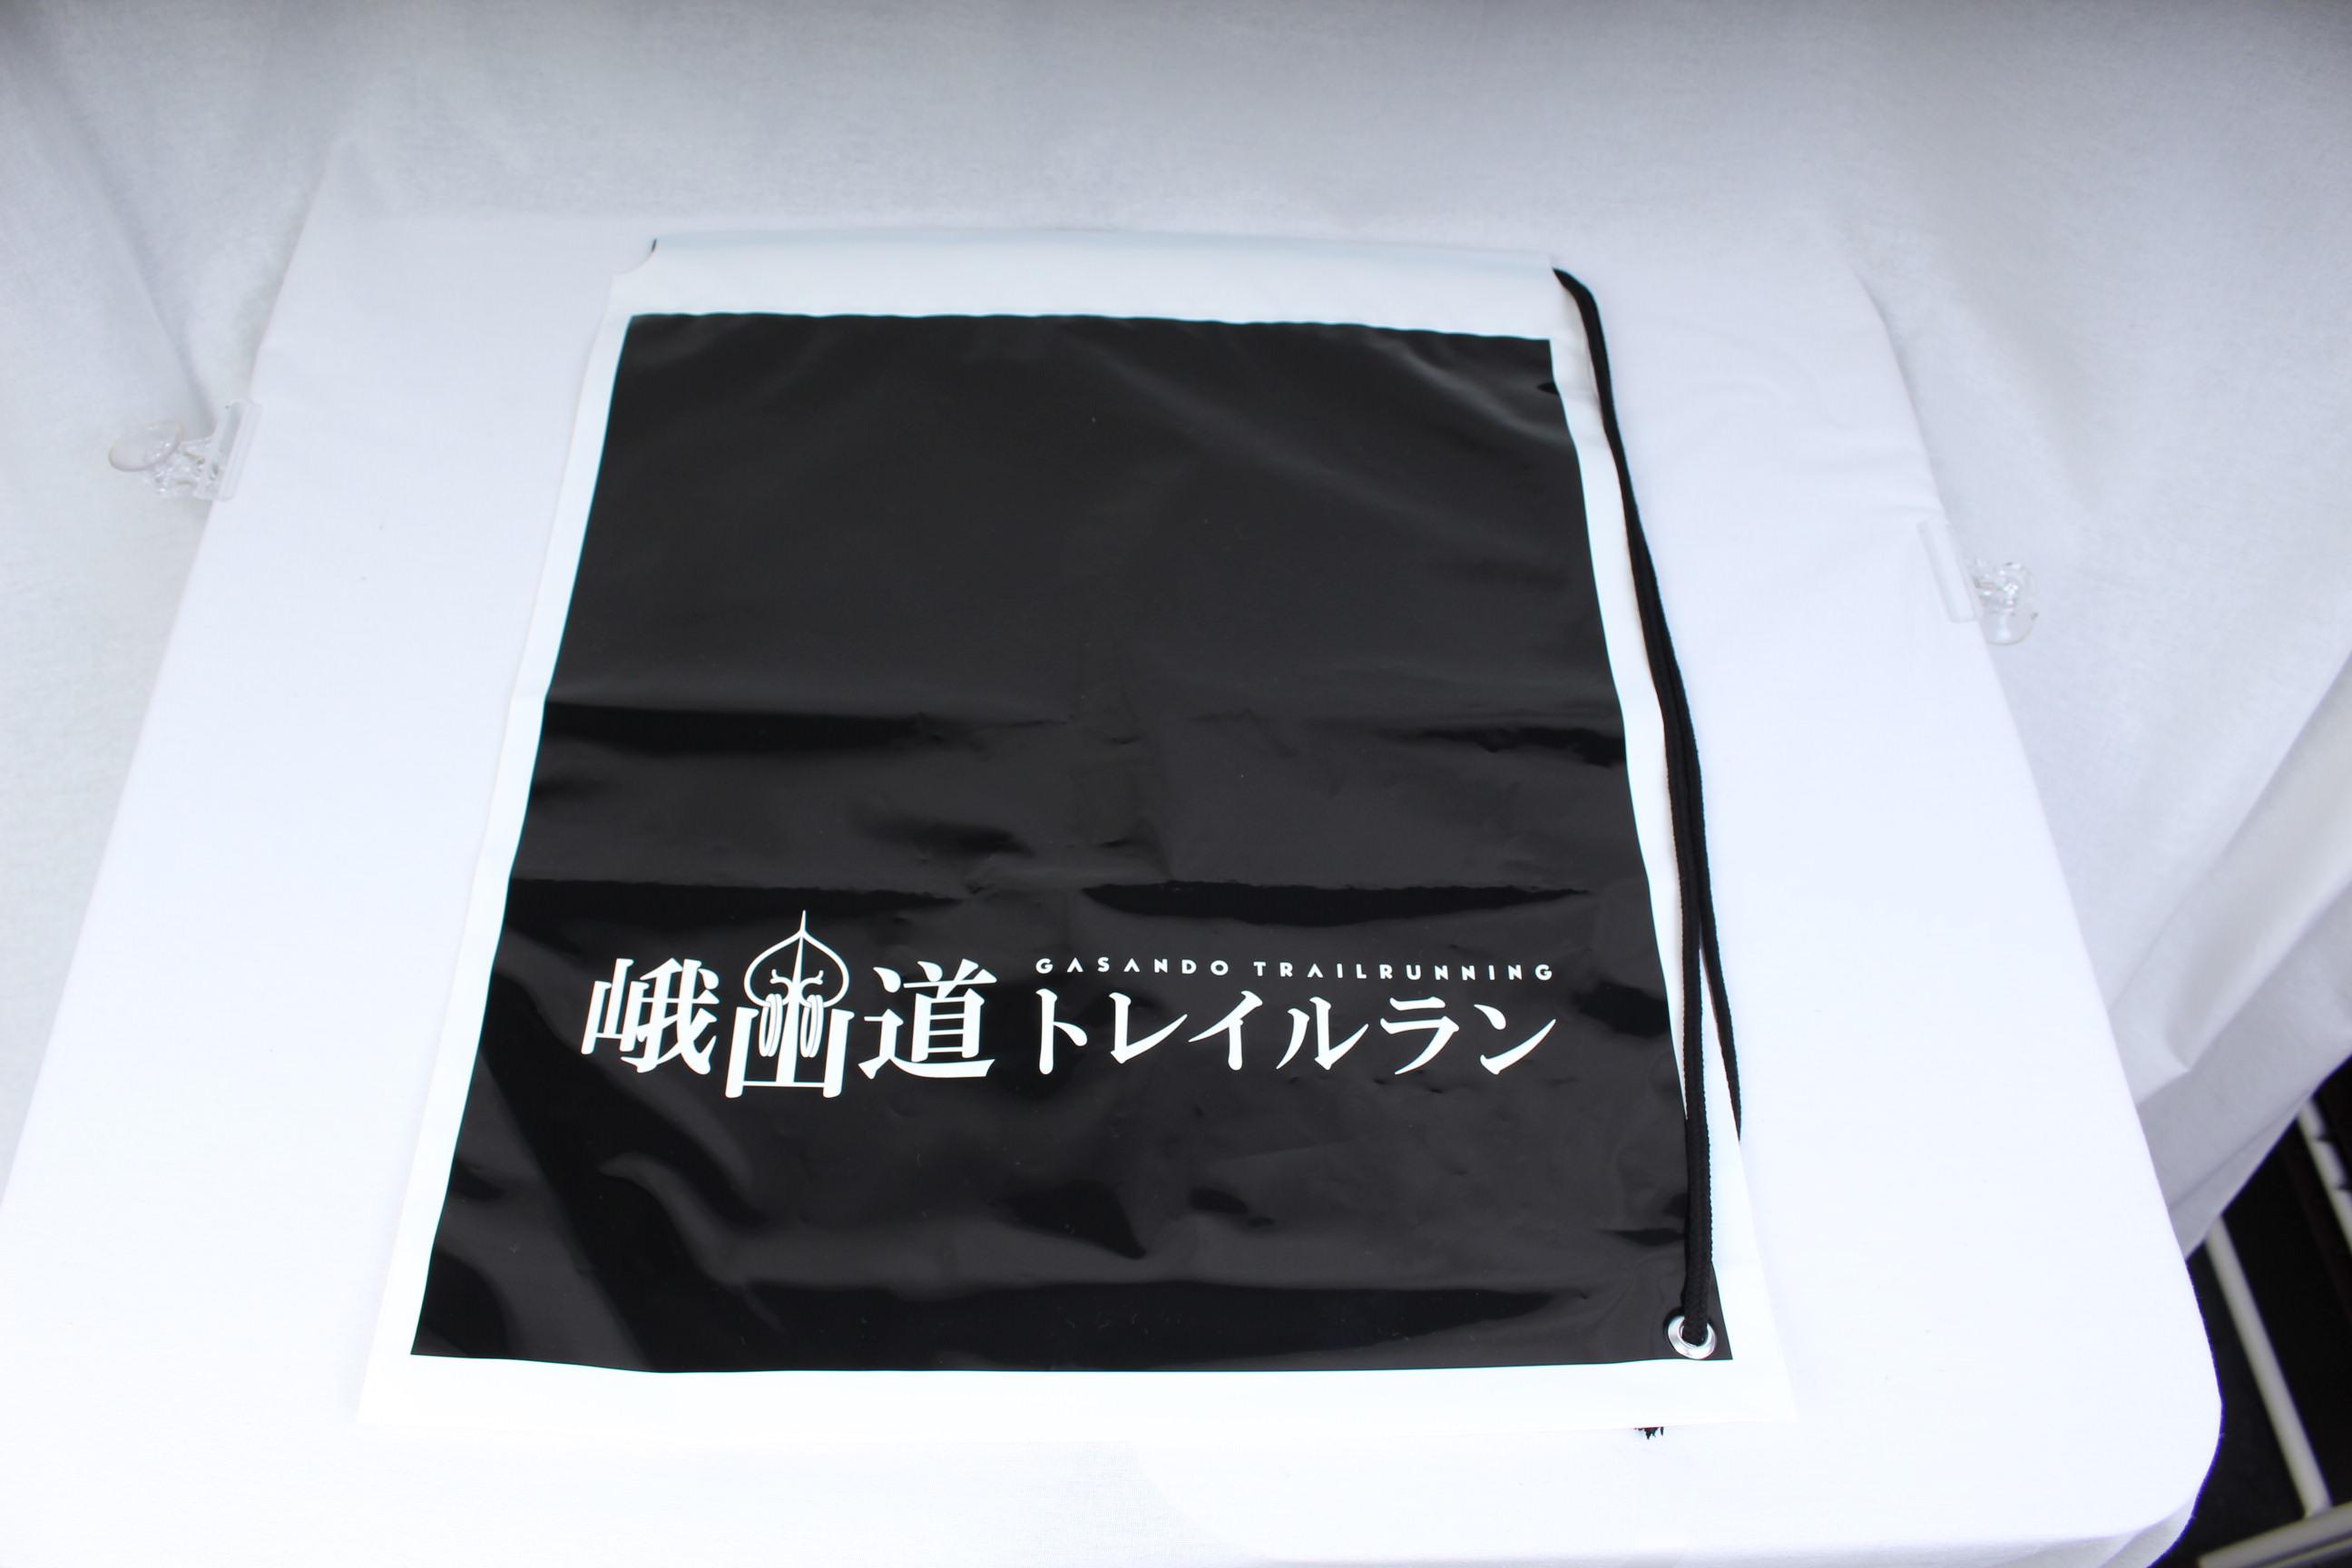 マラソン大会で配布するオリジナルポリ袋